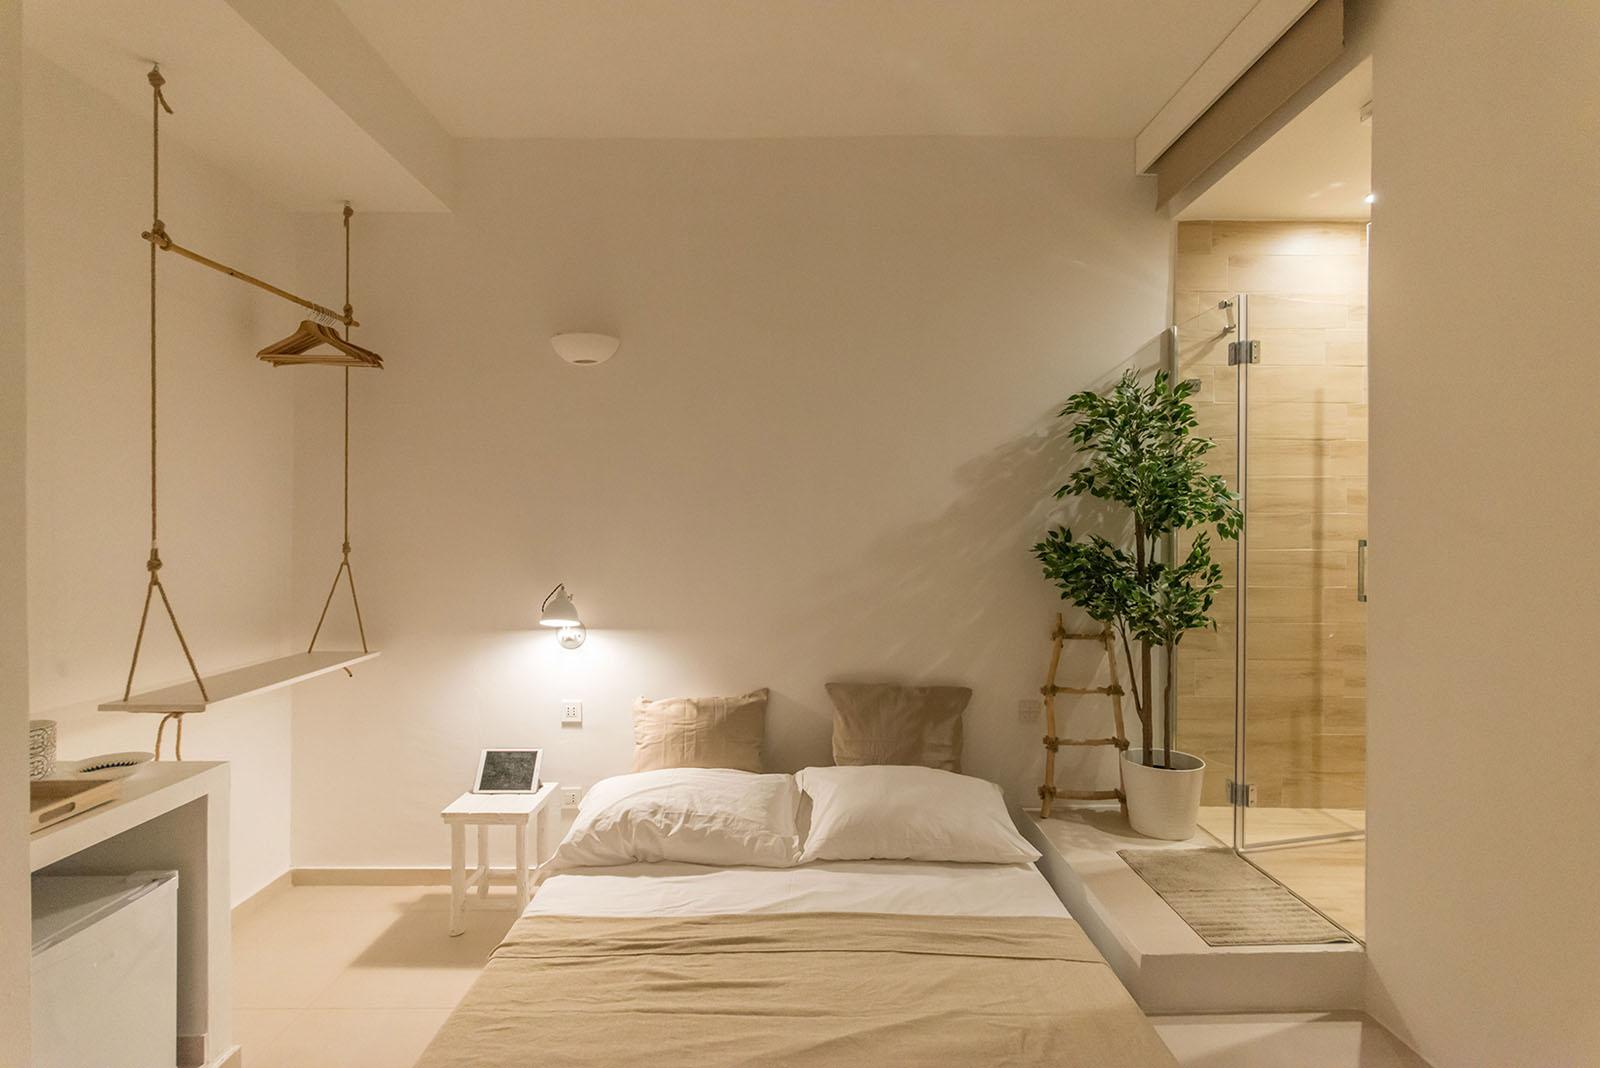 1 bed and breakfast agropoli progettazione architettonica domotica salerno break for two mare nest room 3 b&b